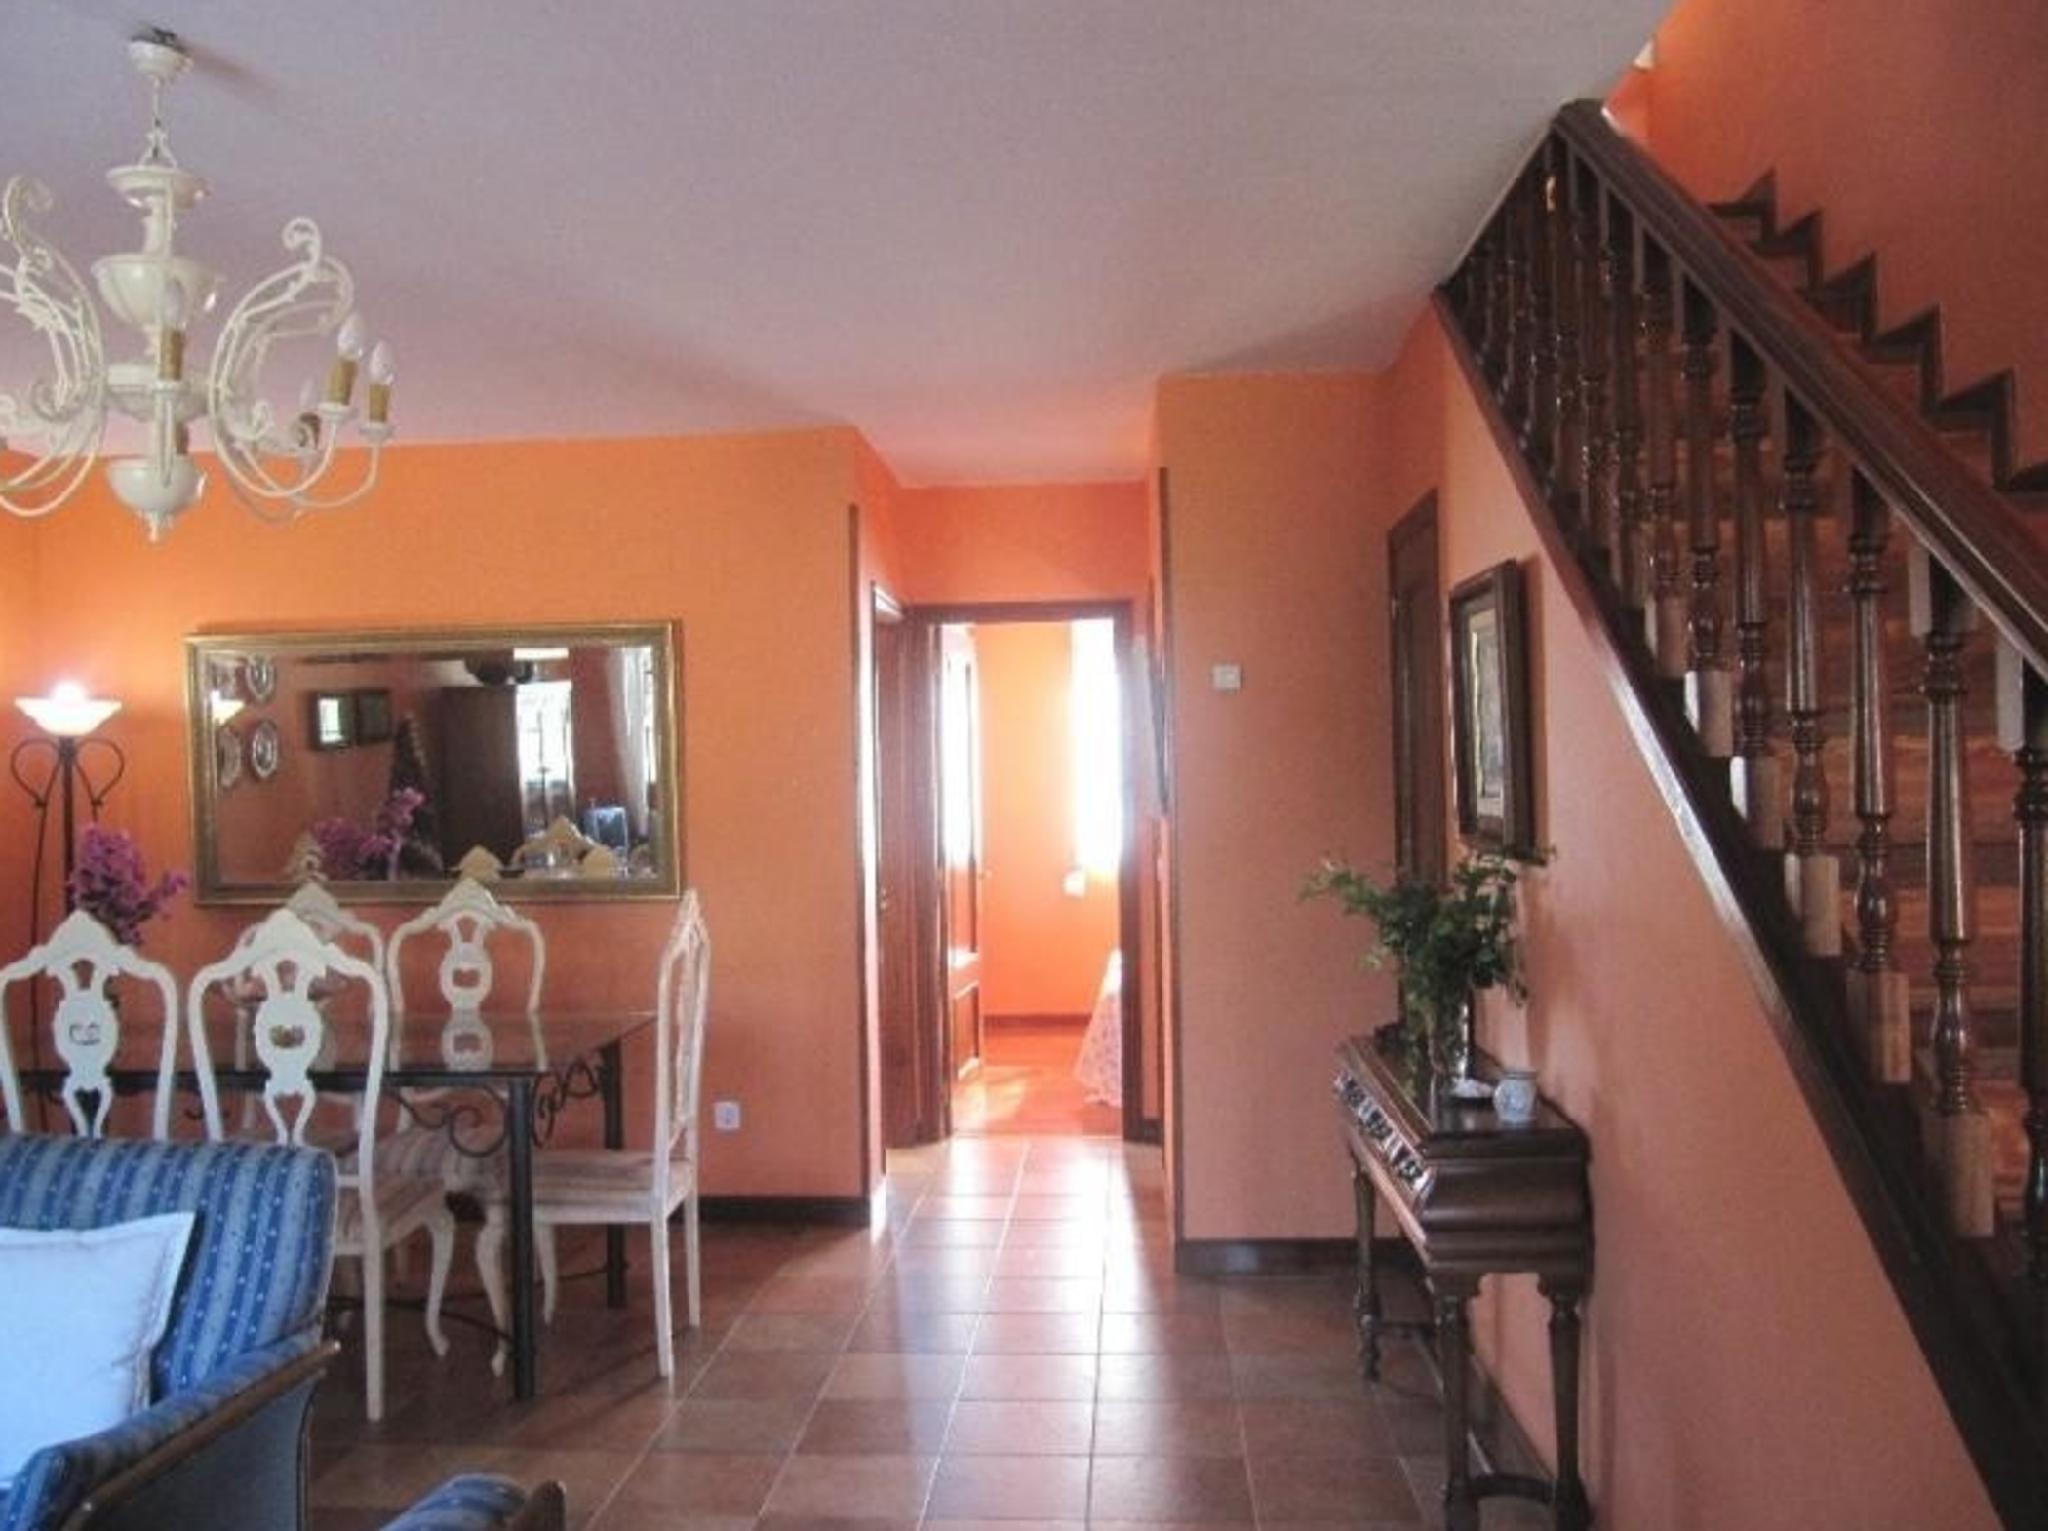 102954   House In Hazas De Cesto